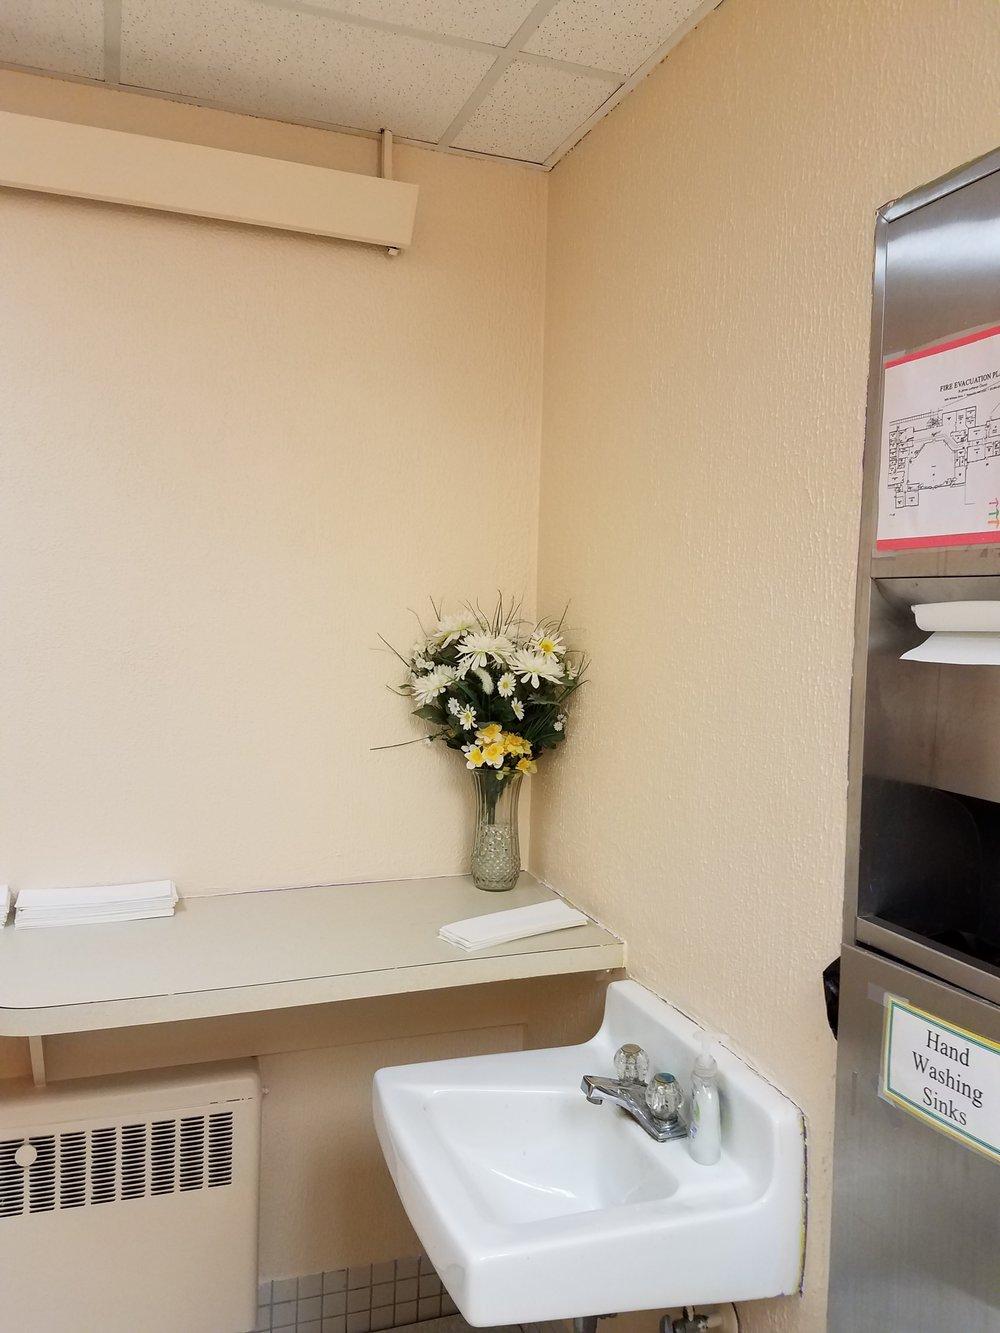 Repainted Bathrooms!